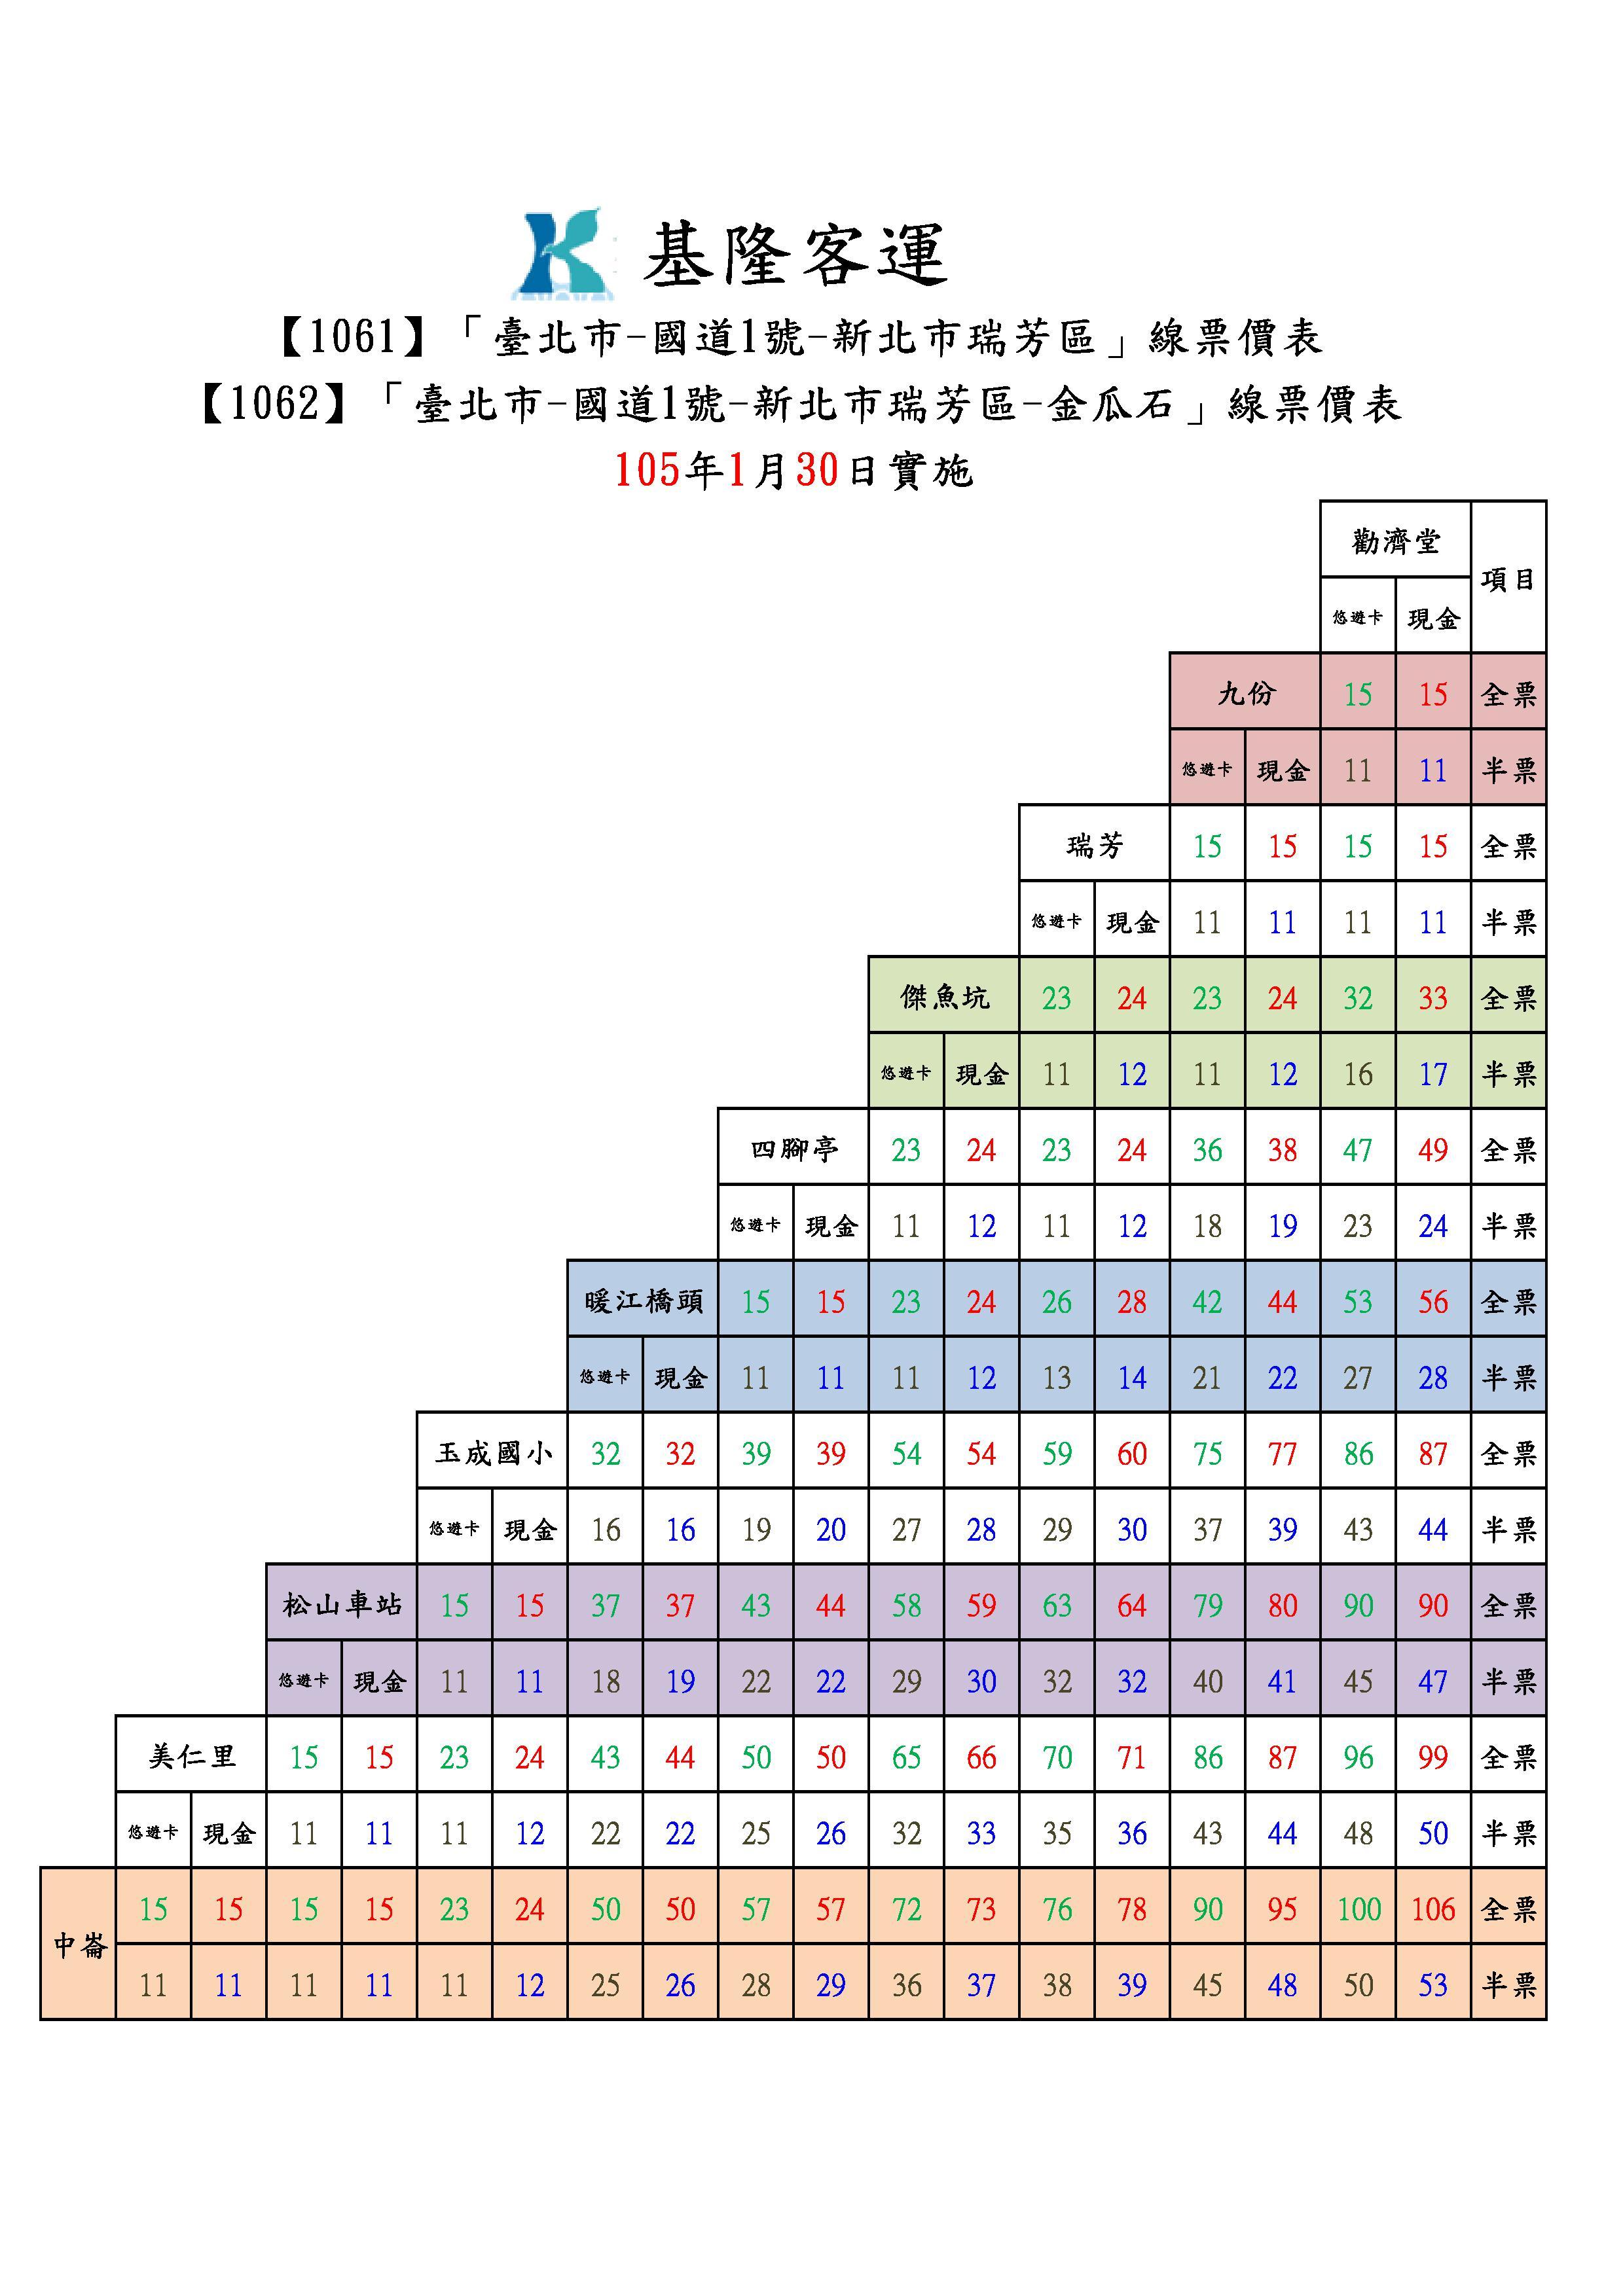 1062 號國道客運(臺北—九份/金瓜石)詳細票價表。